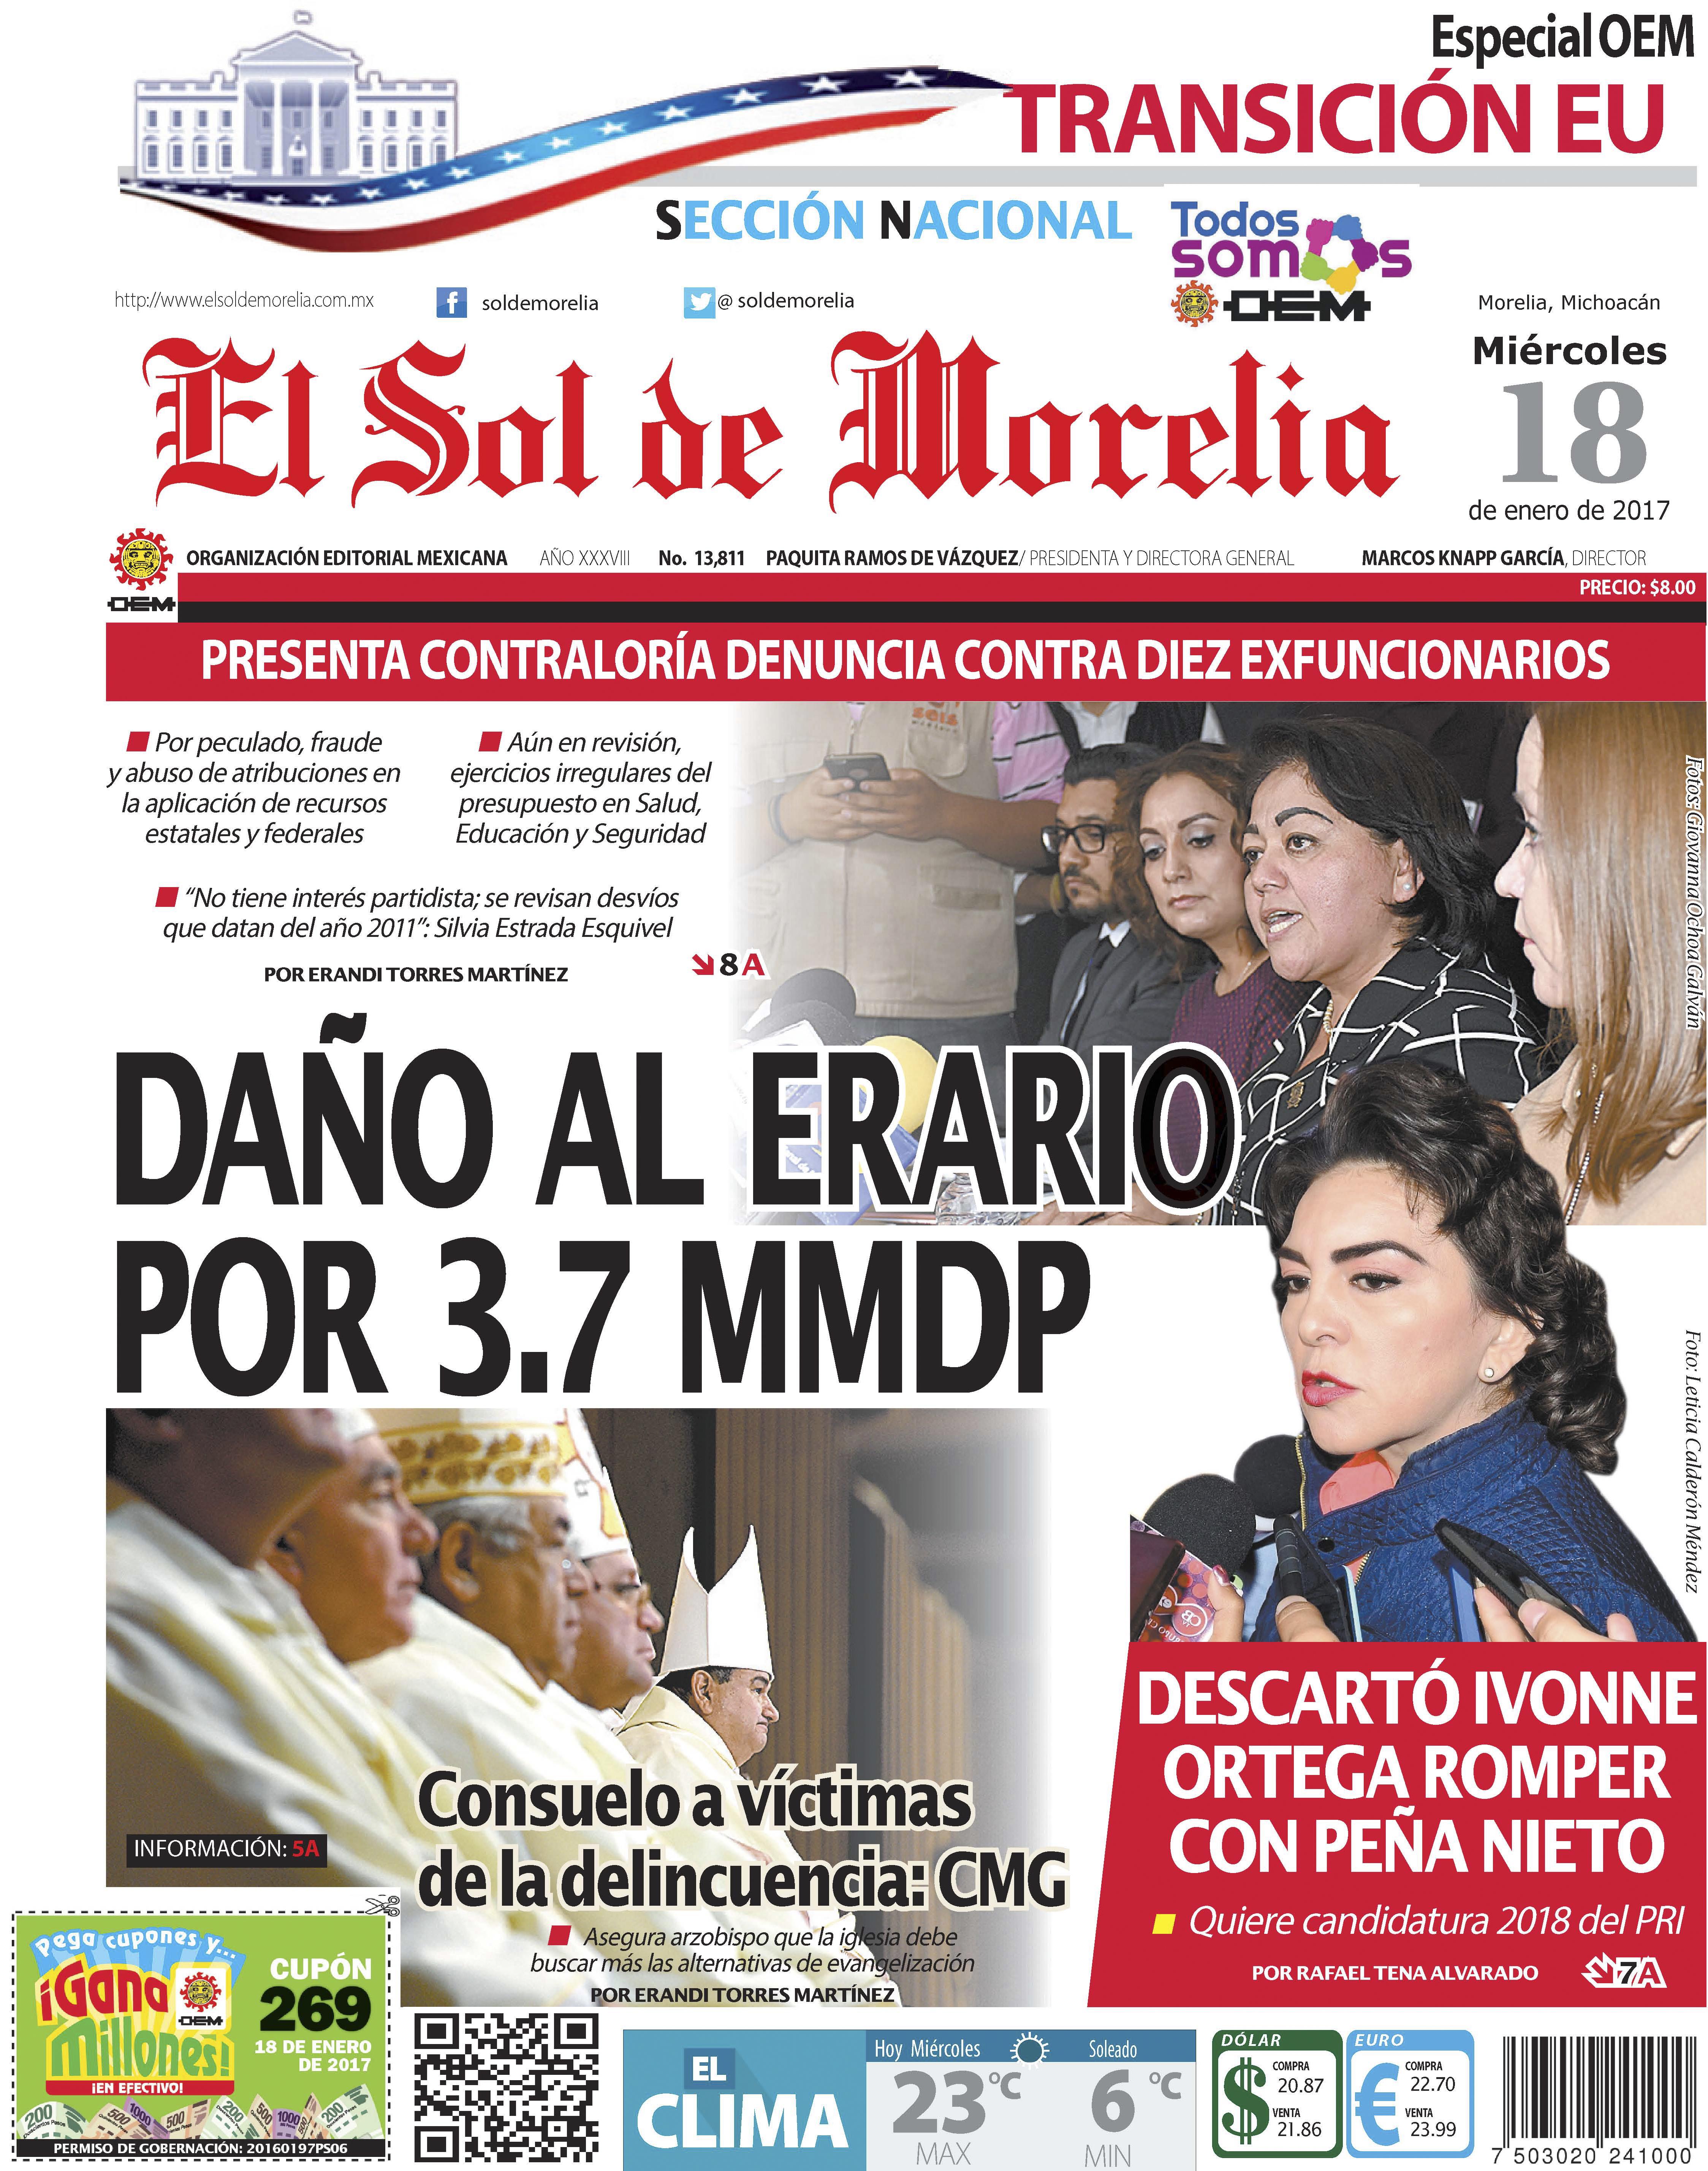 18012017 Morelia